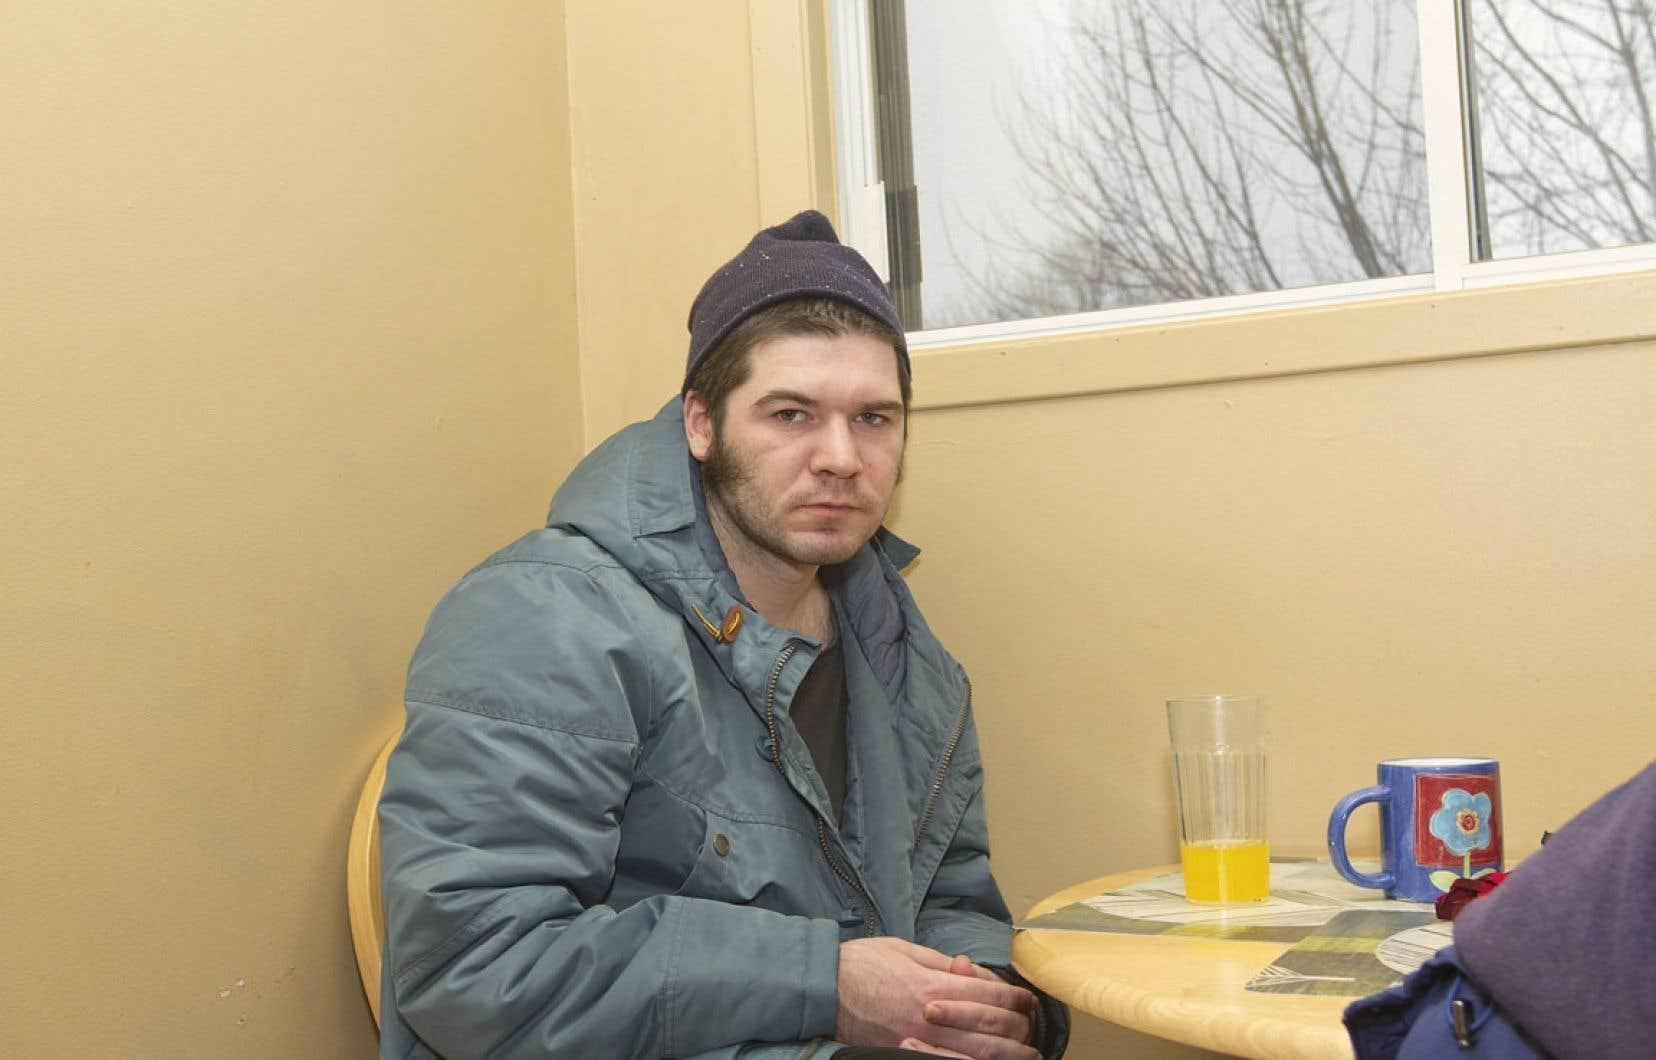 Evgeny (ci-dessus) habite chez Nancy Auger, une mère de famille qui a reçu une formation de l'Institut Douglas pour héberger des personnes souffrant de maladie mentale. Il est nourri, logé, et on supervise sa prise de médicaments. Son rêve? «Avoir un appartement supervisé.»